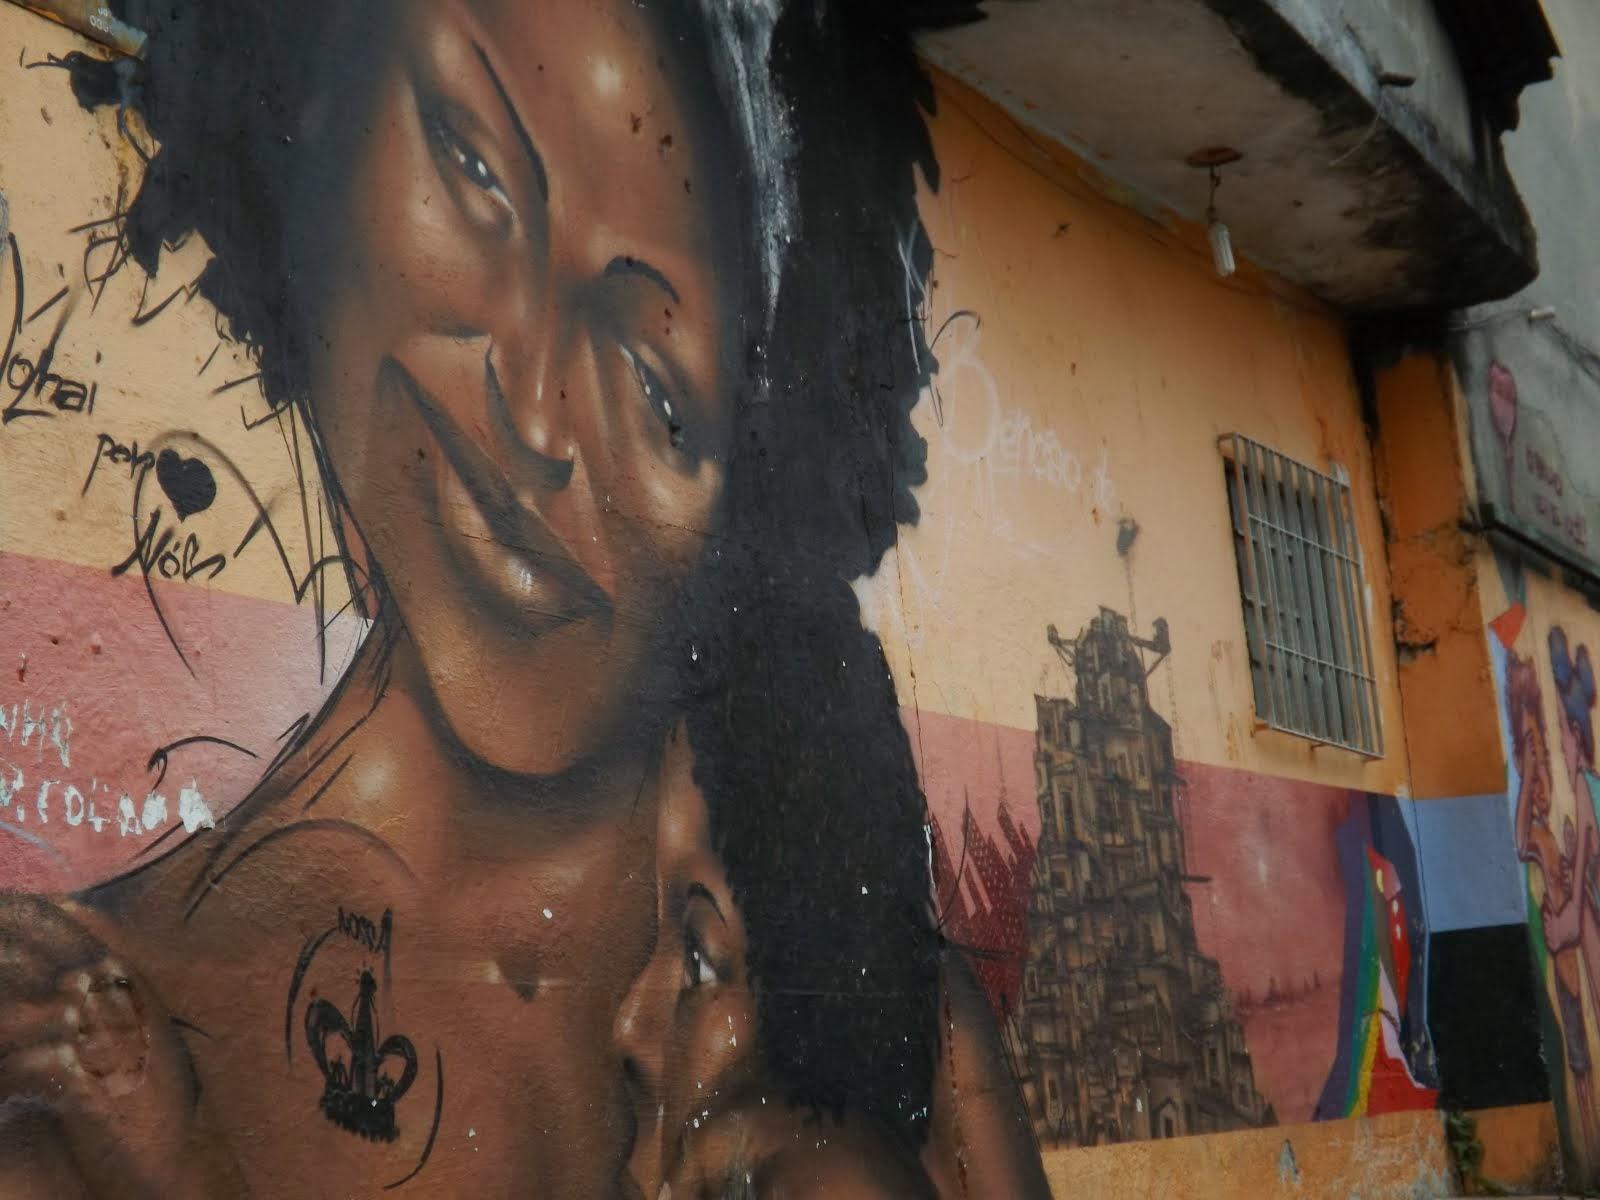 CEPAPA NA ZONA LESTE DE SÃO PAULO